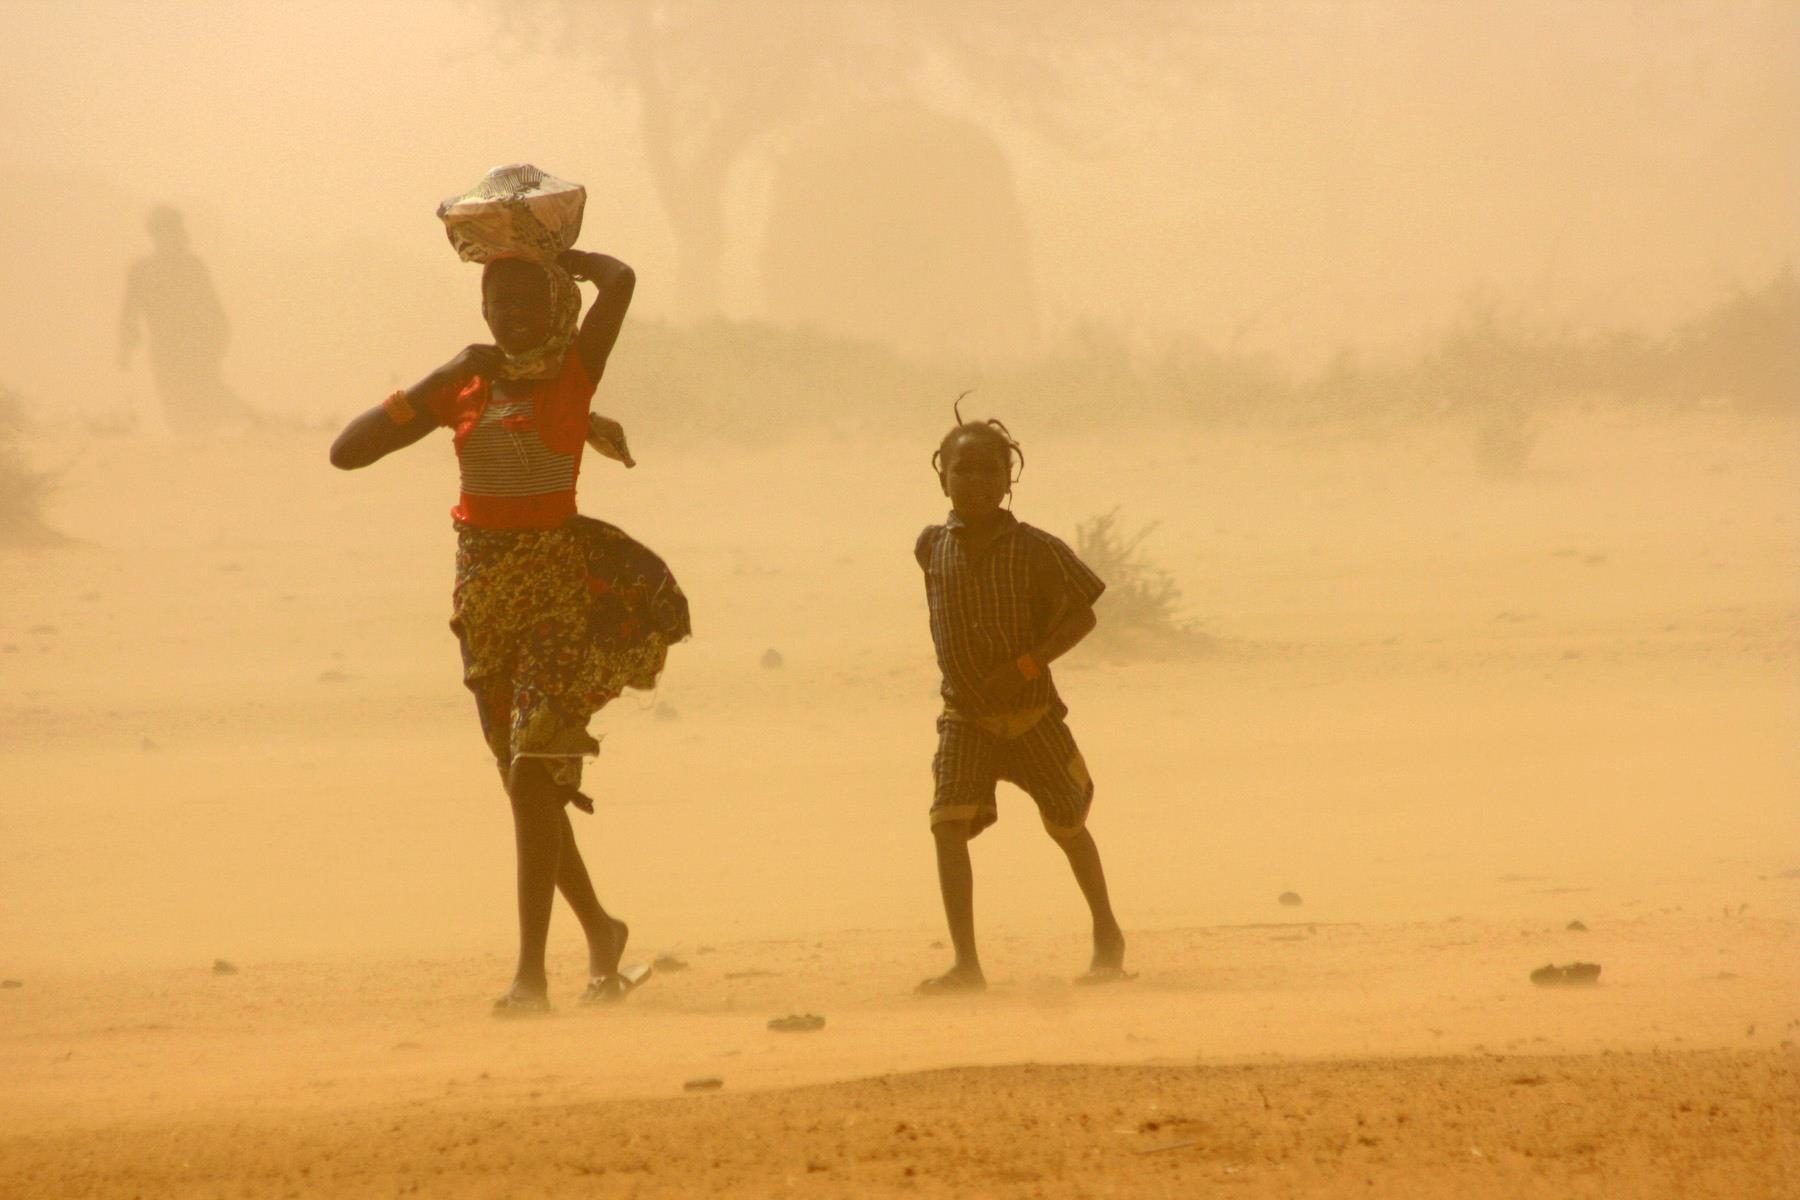 A sandstorm in Tillaberi region, Niger  Jaspreet Kindra/IRIN February 2012 – à Tillaberi, Niger. Je connais cette région, y étant allée en 1999 pour des problèmes d'inondations par rupture de digues sur les aménagements hydro-agricoles du gleuve Niger.